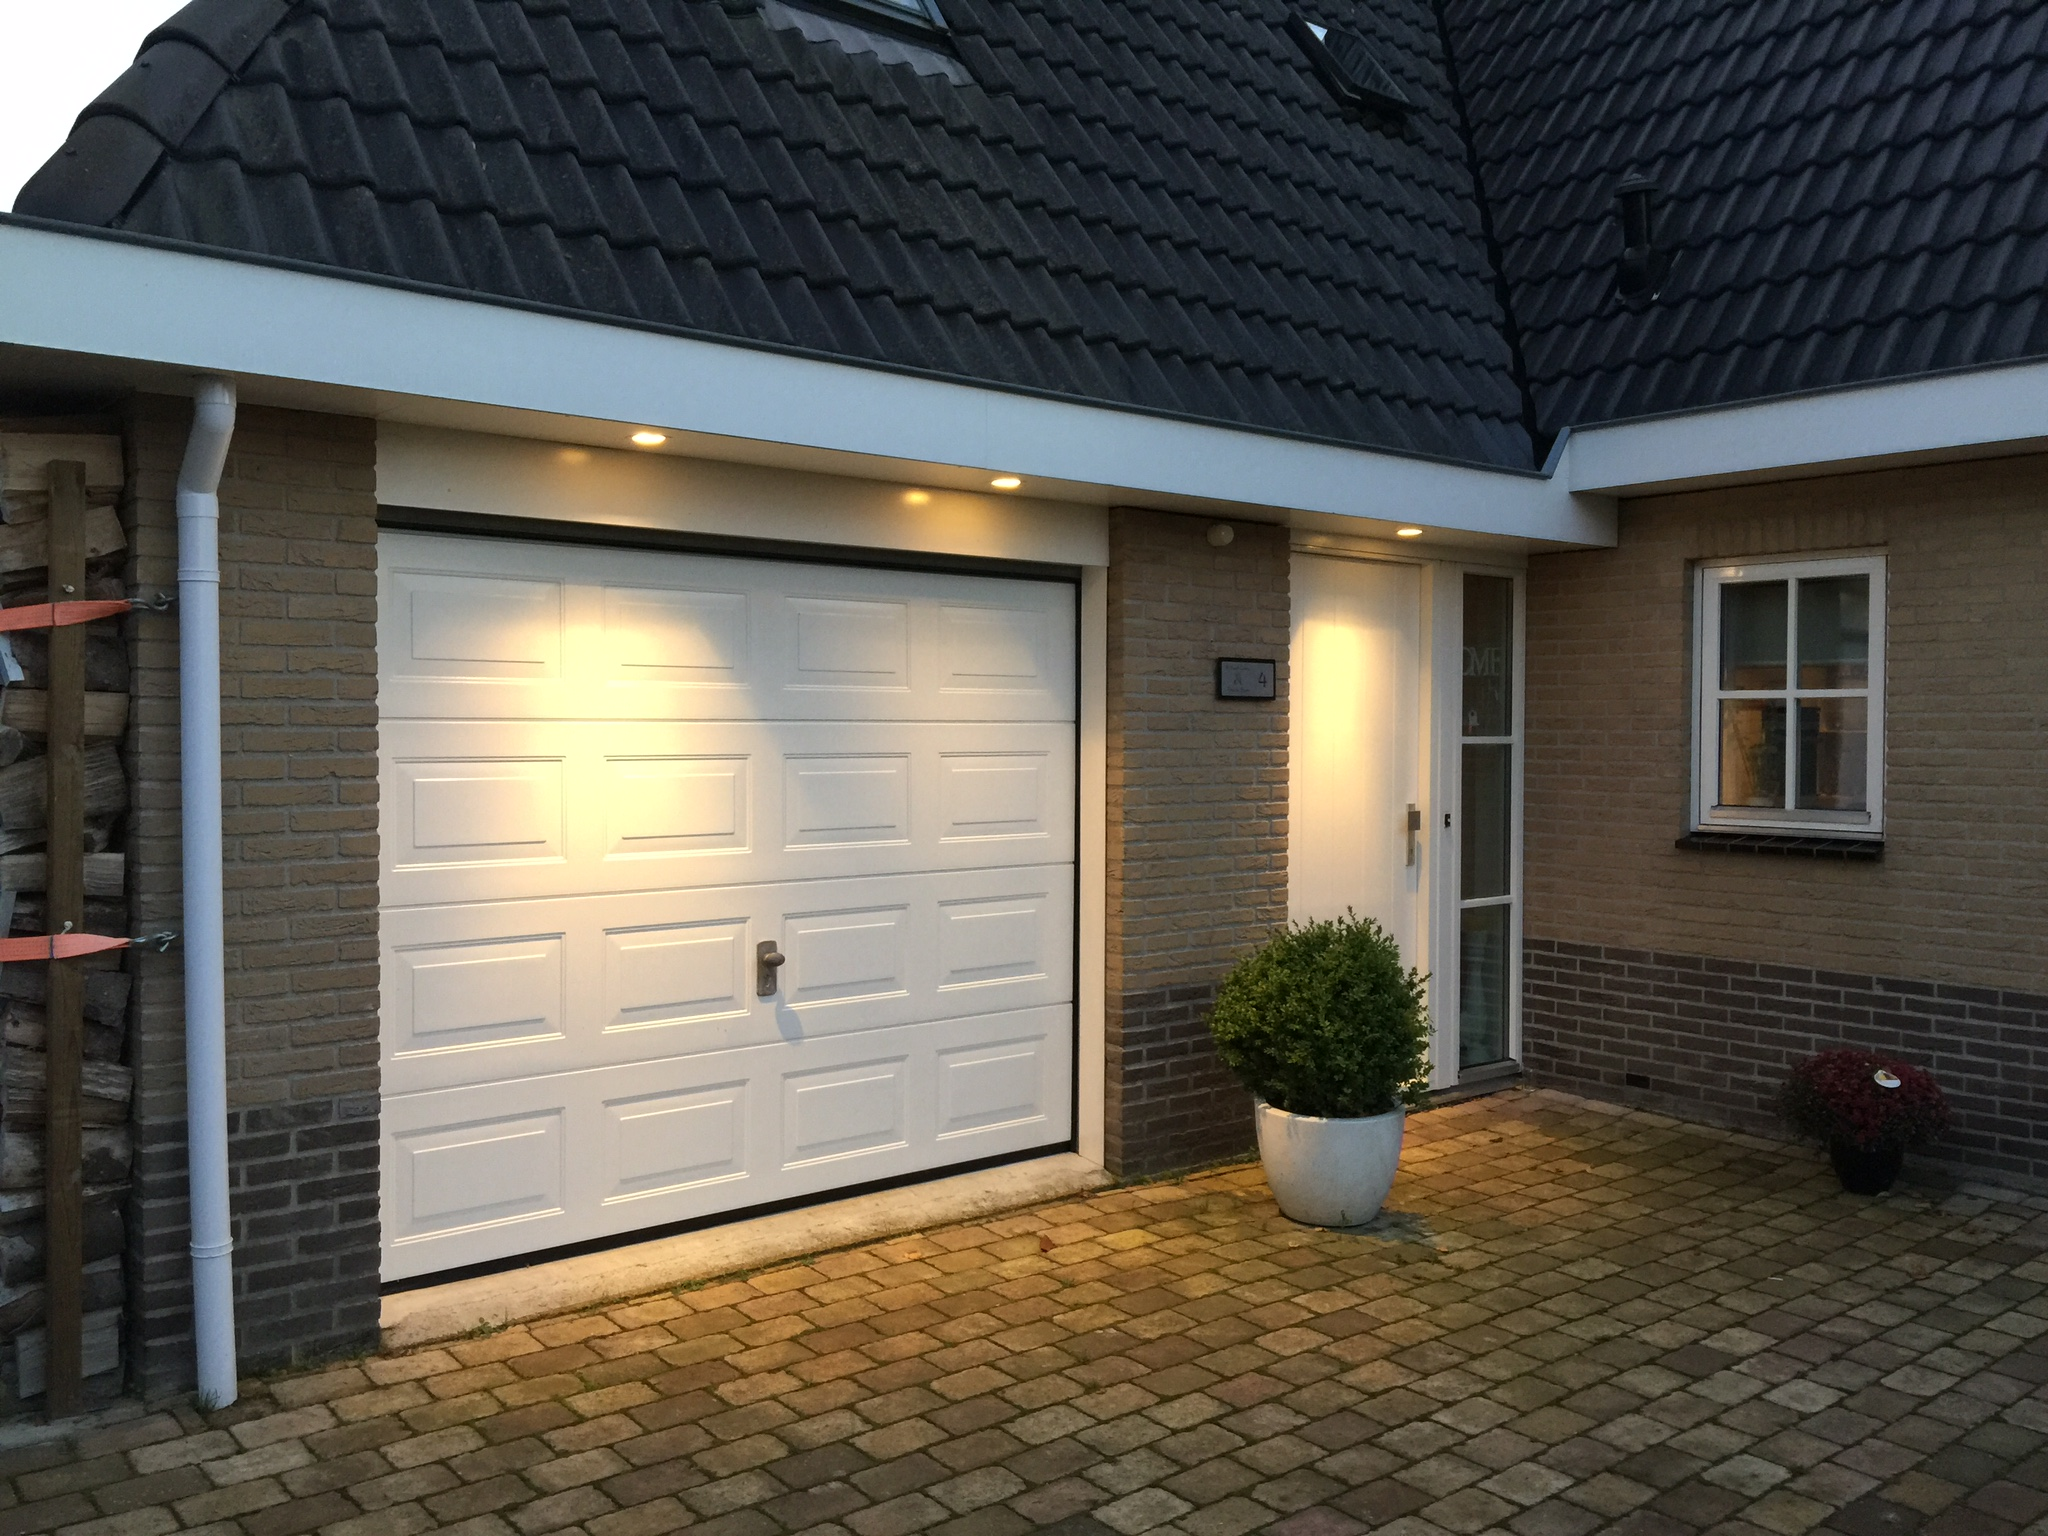 Verlichting Voor Garage : Garage opslag ruimte te huur aangeboden in enschede buurtlink